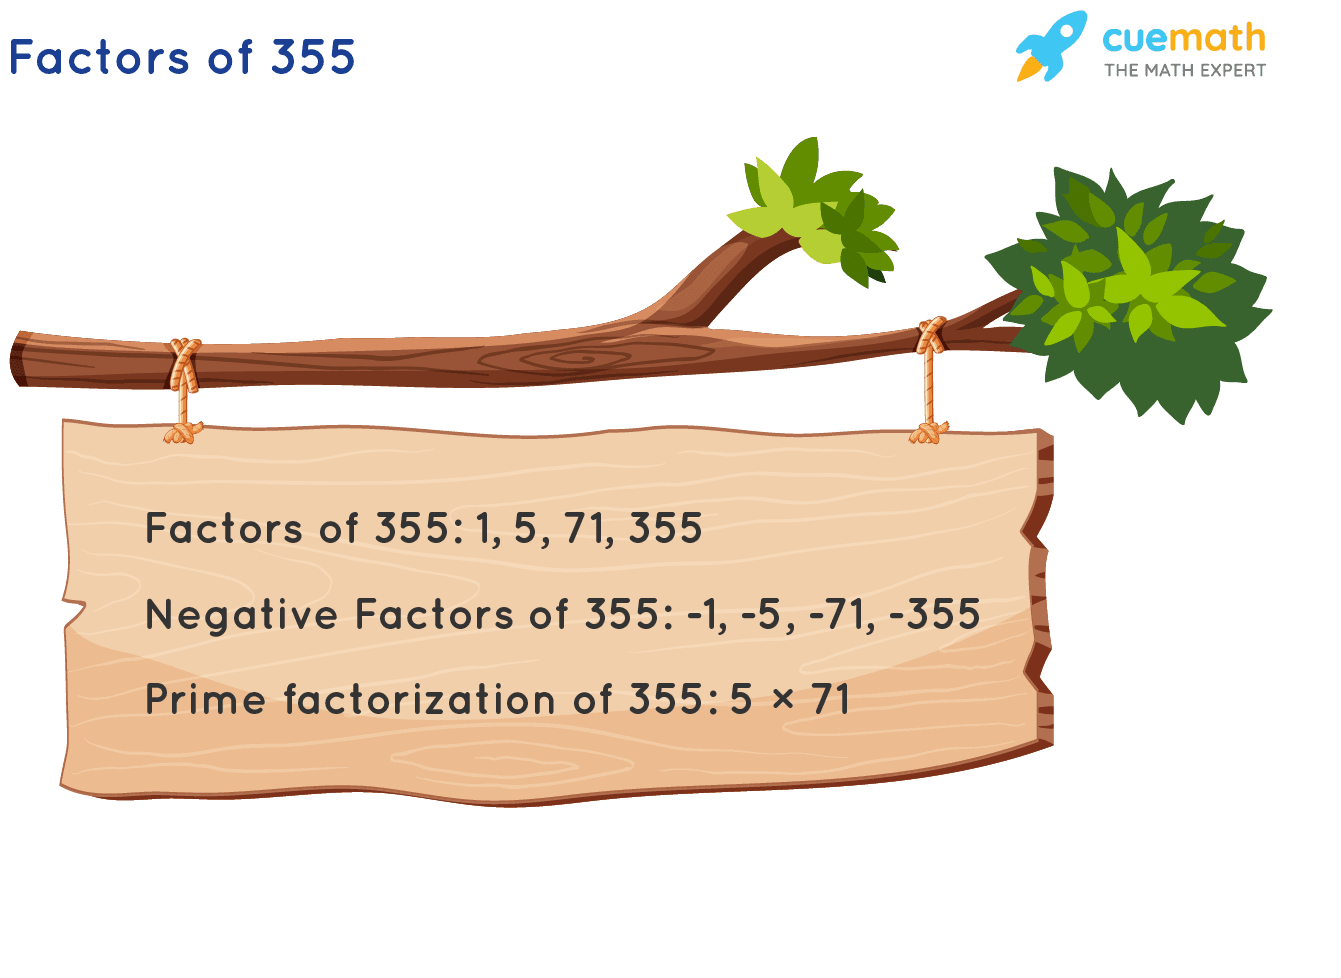 Factors of 355